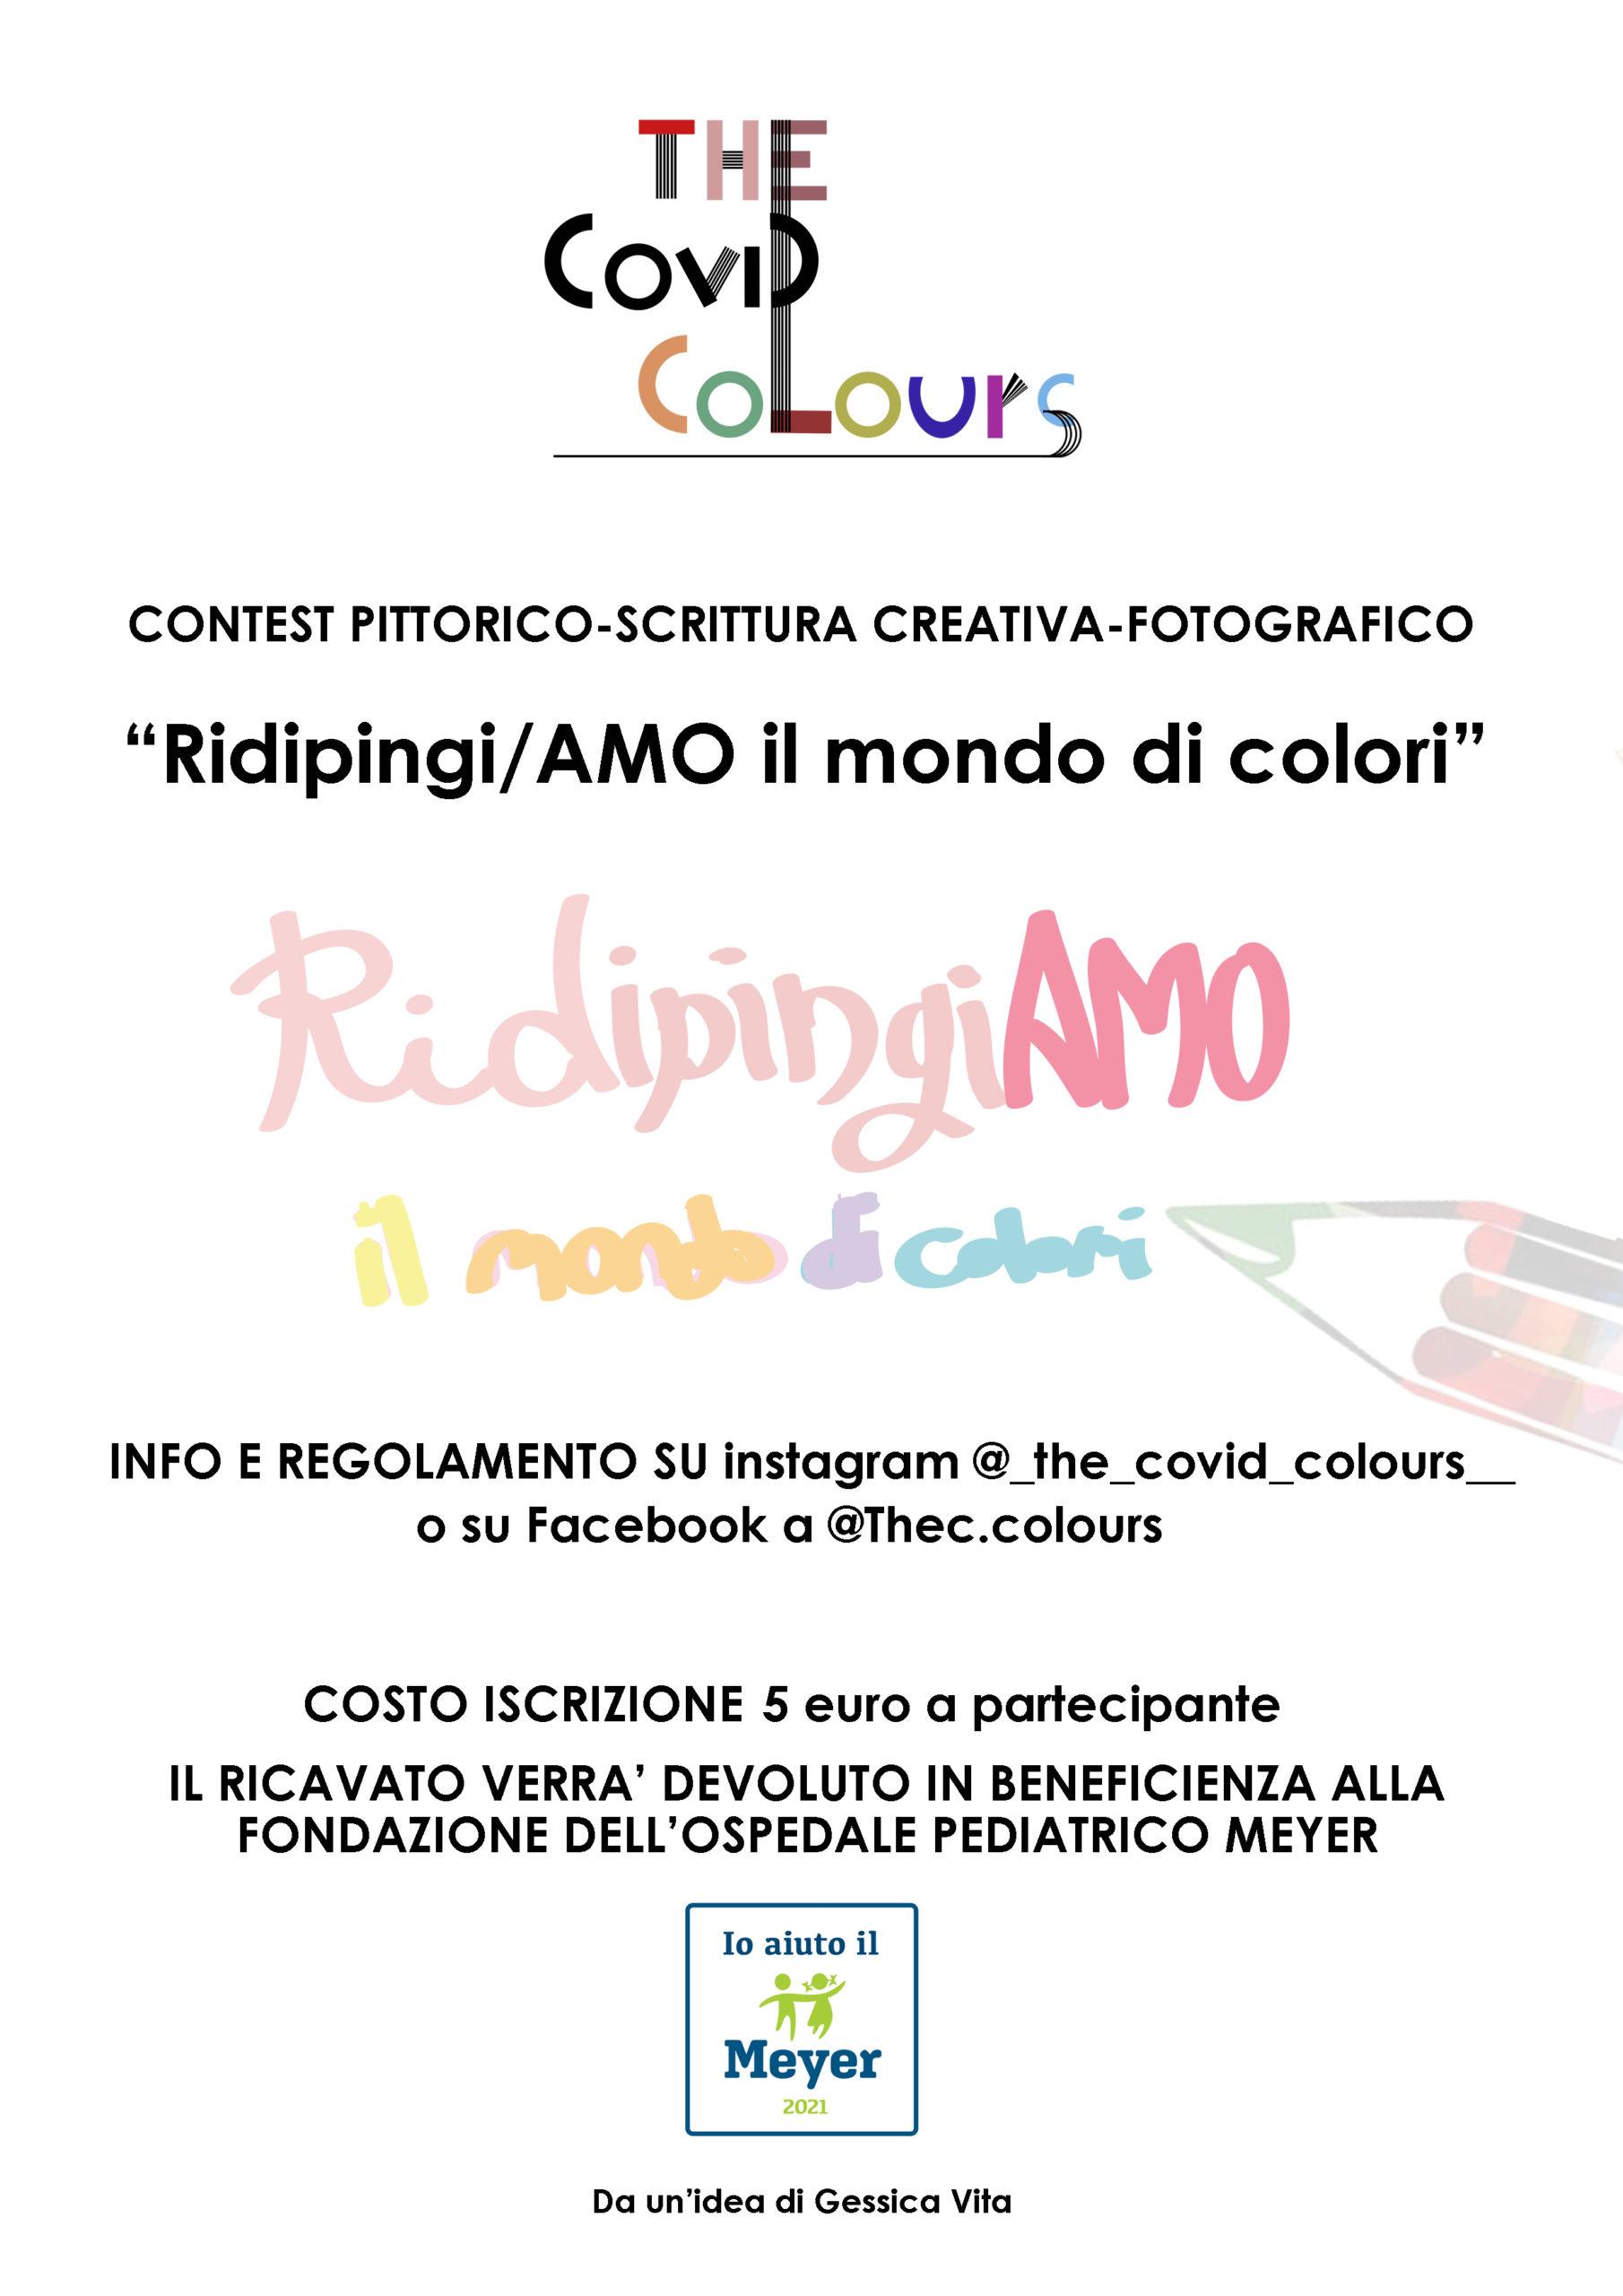 Ridipingi/AMO il mondo di colori